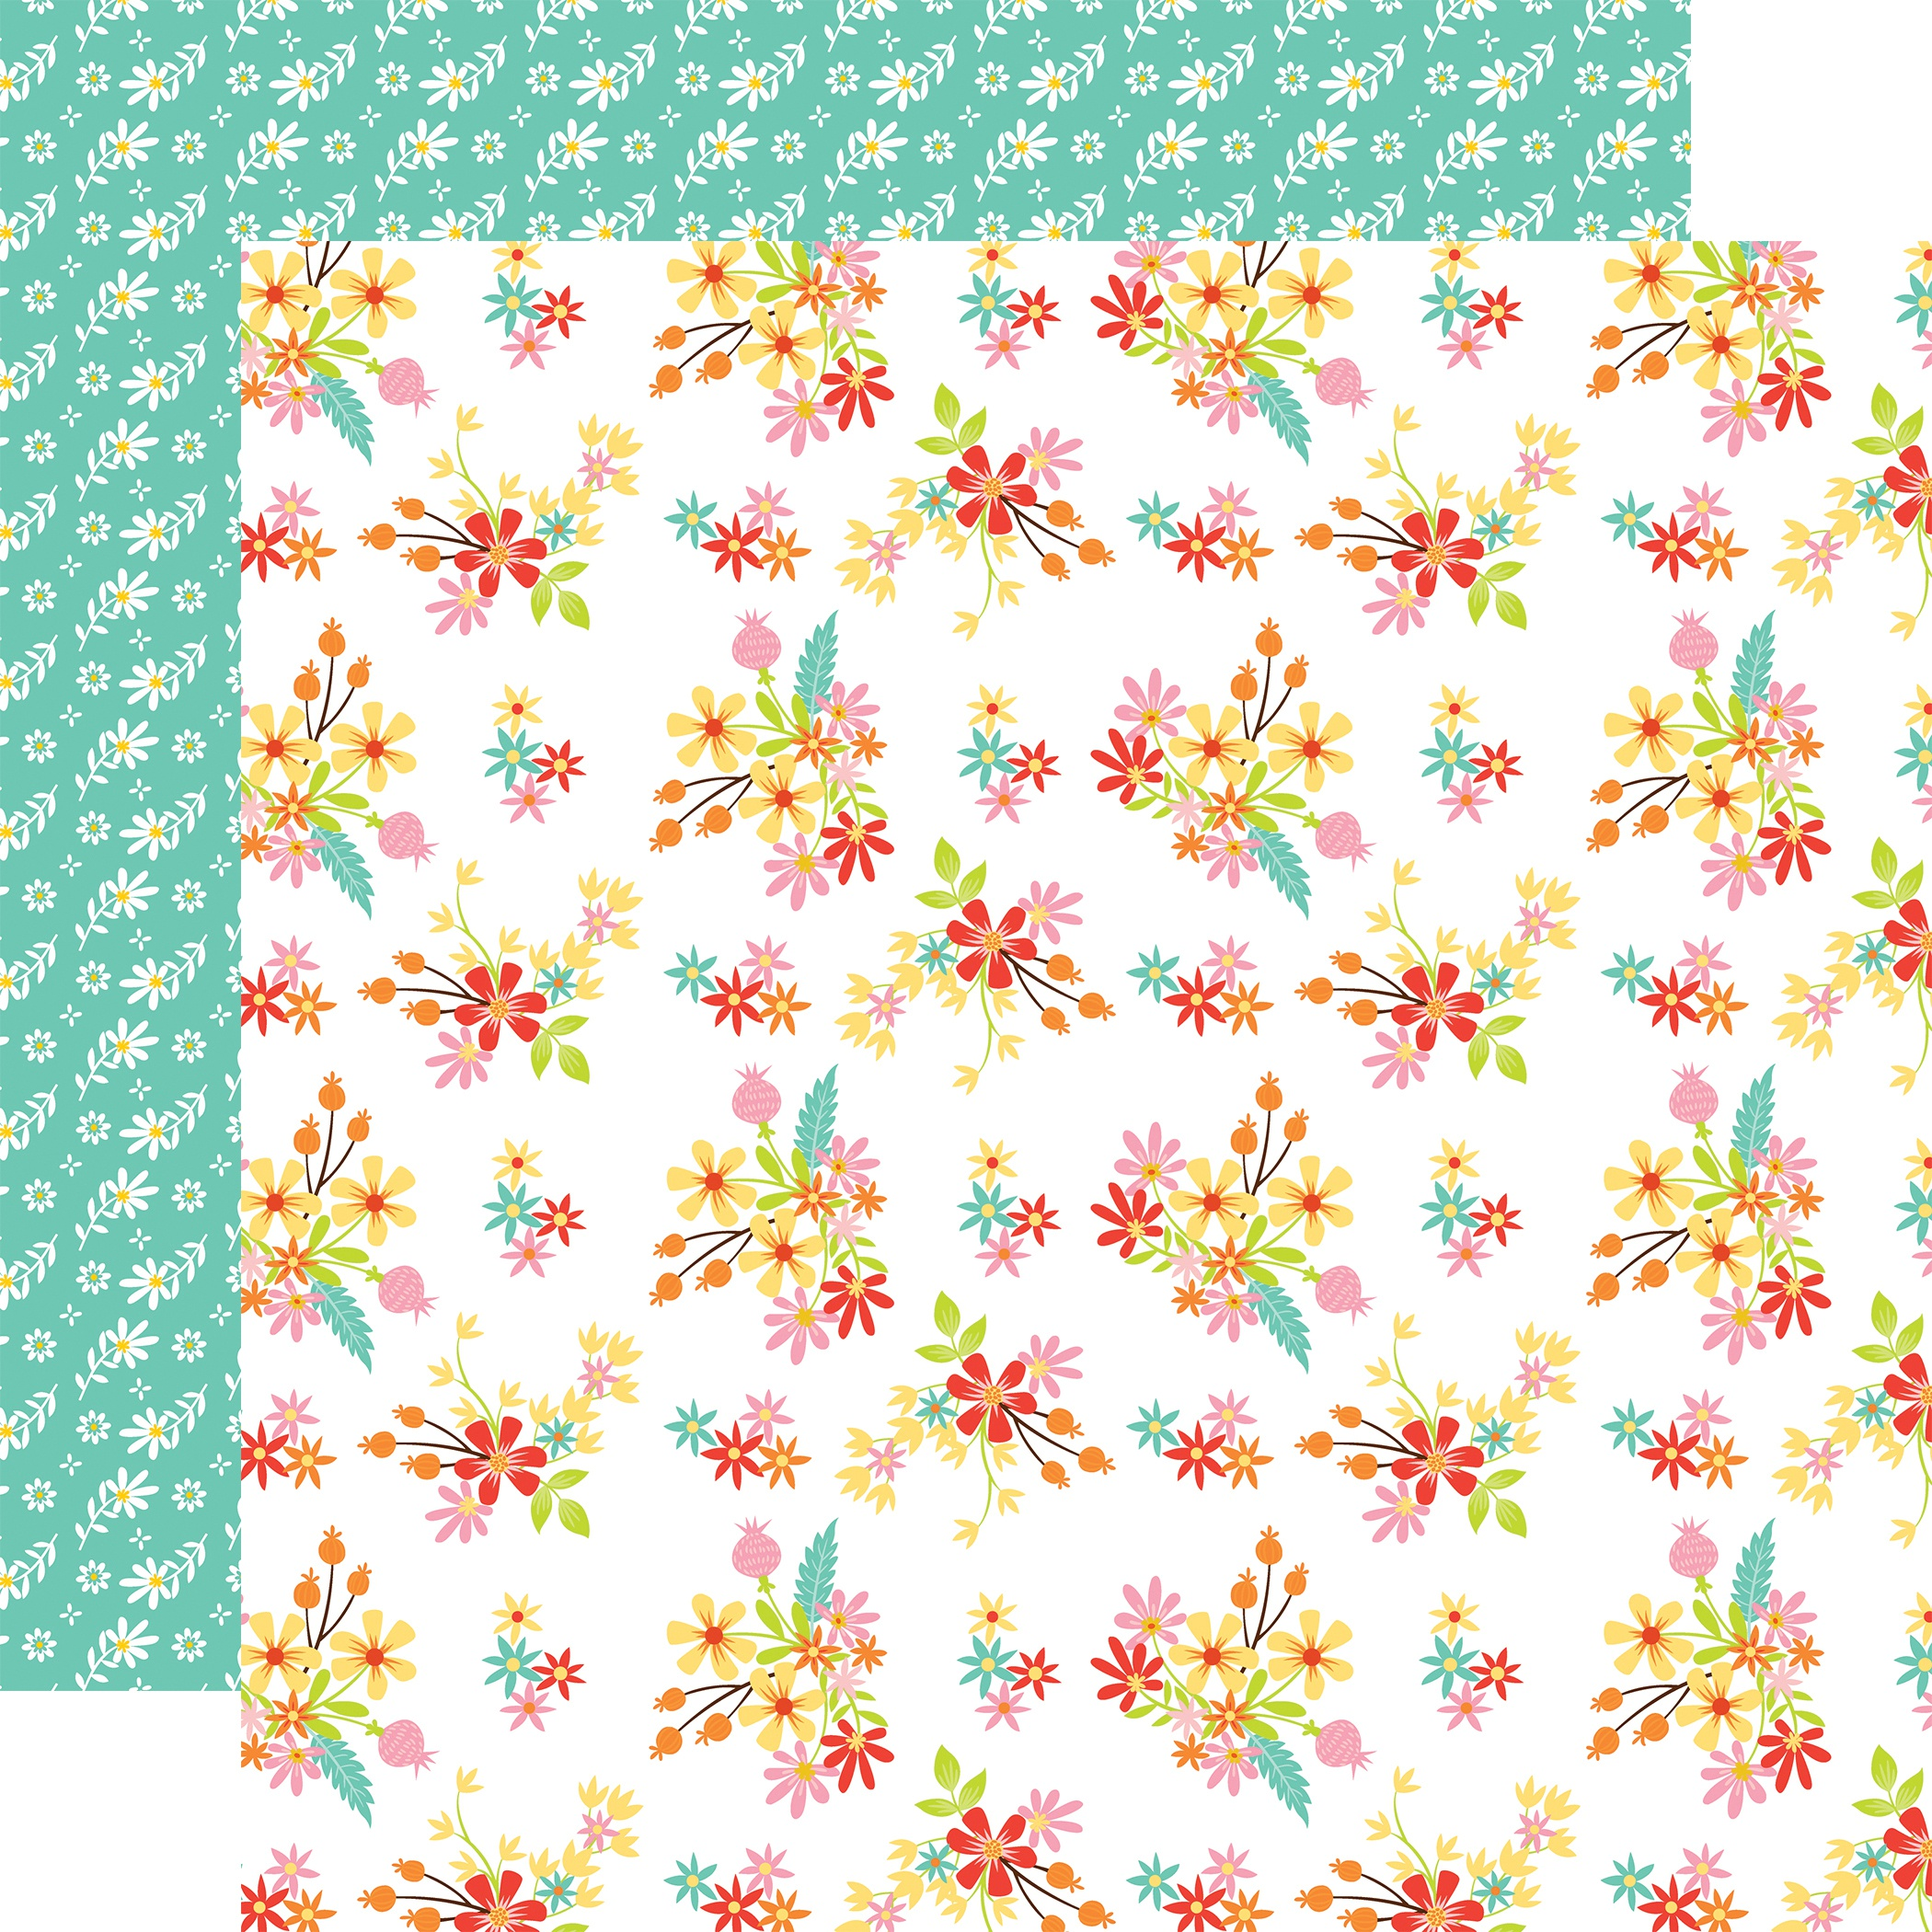 PPRPK - EASTER WISHES EASTER FLOWERS